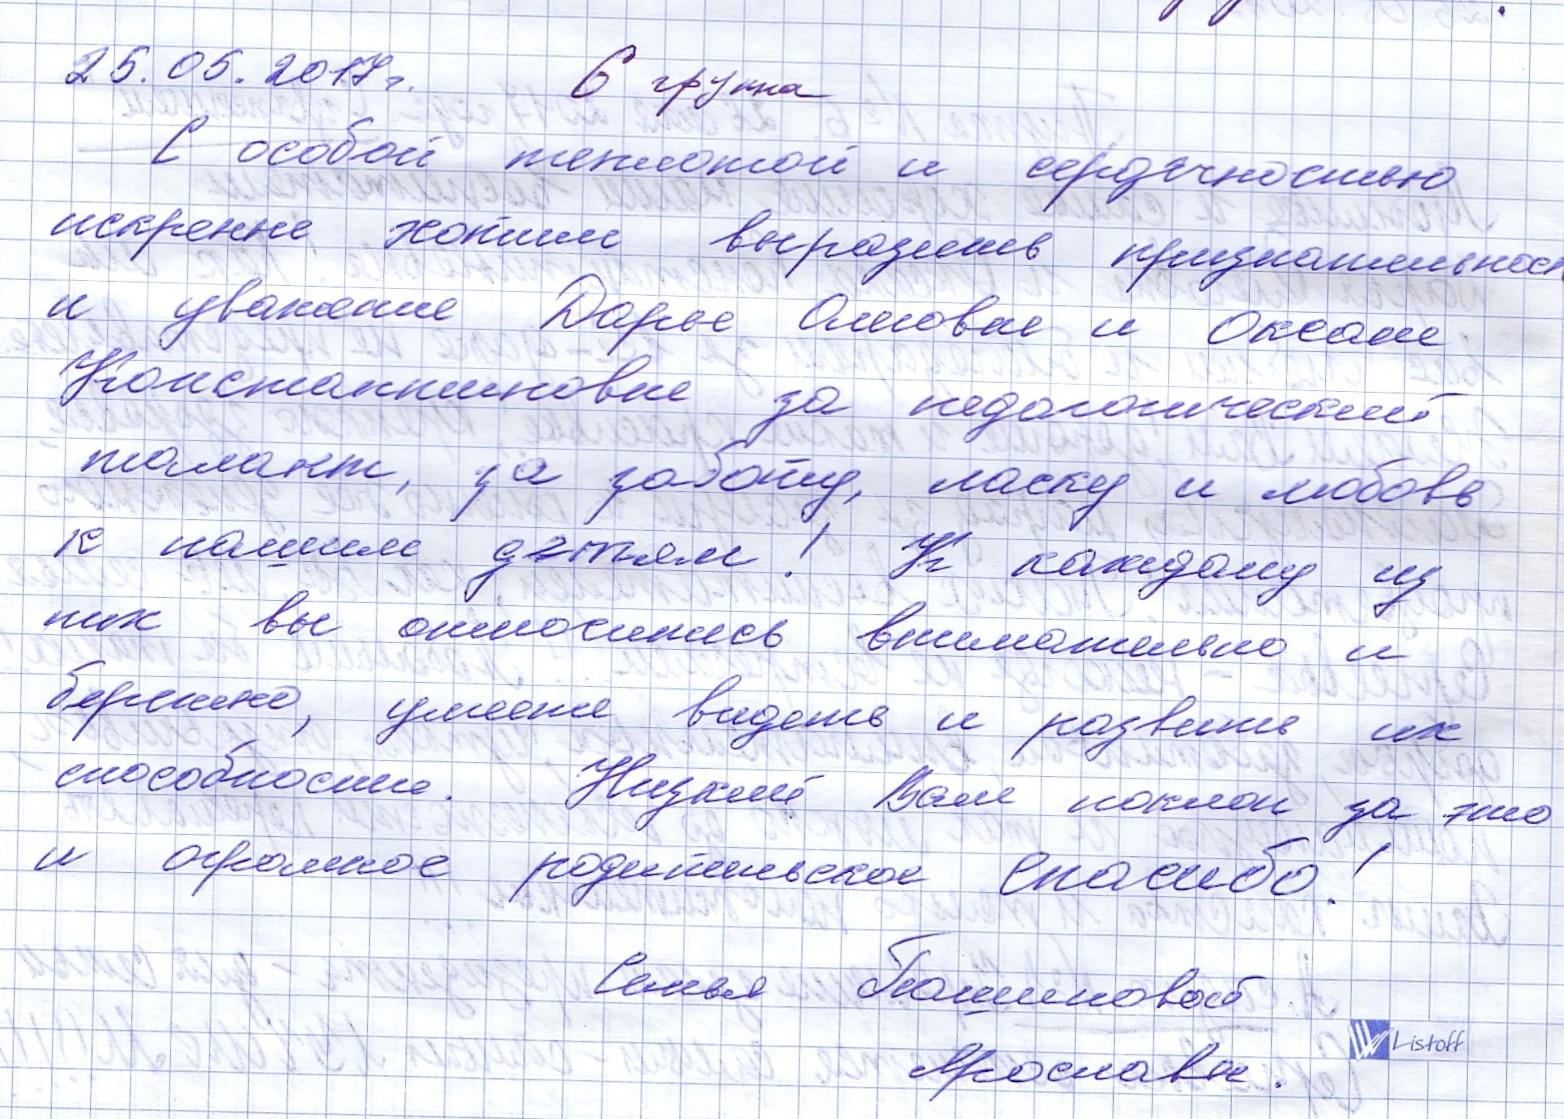 Я, мама Дружинина Бориса, присутствовала 20 апреля 2016 года на открытых занятиях